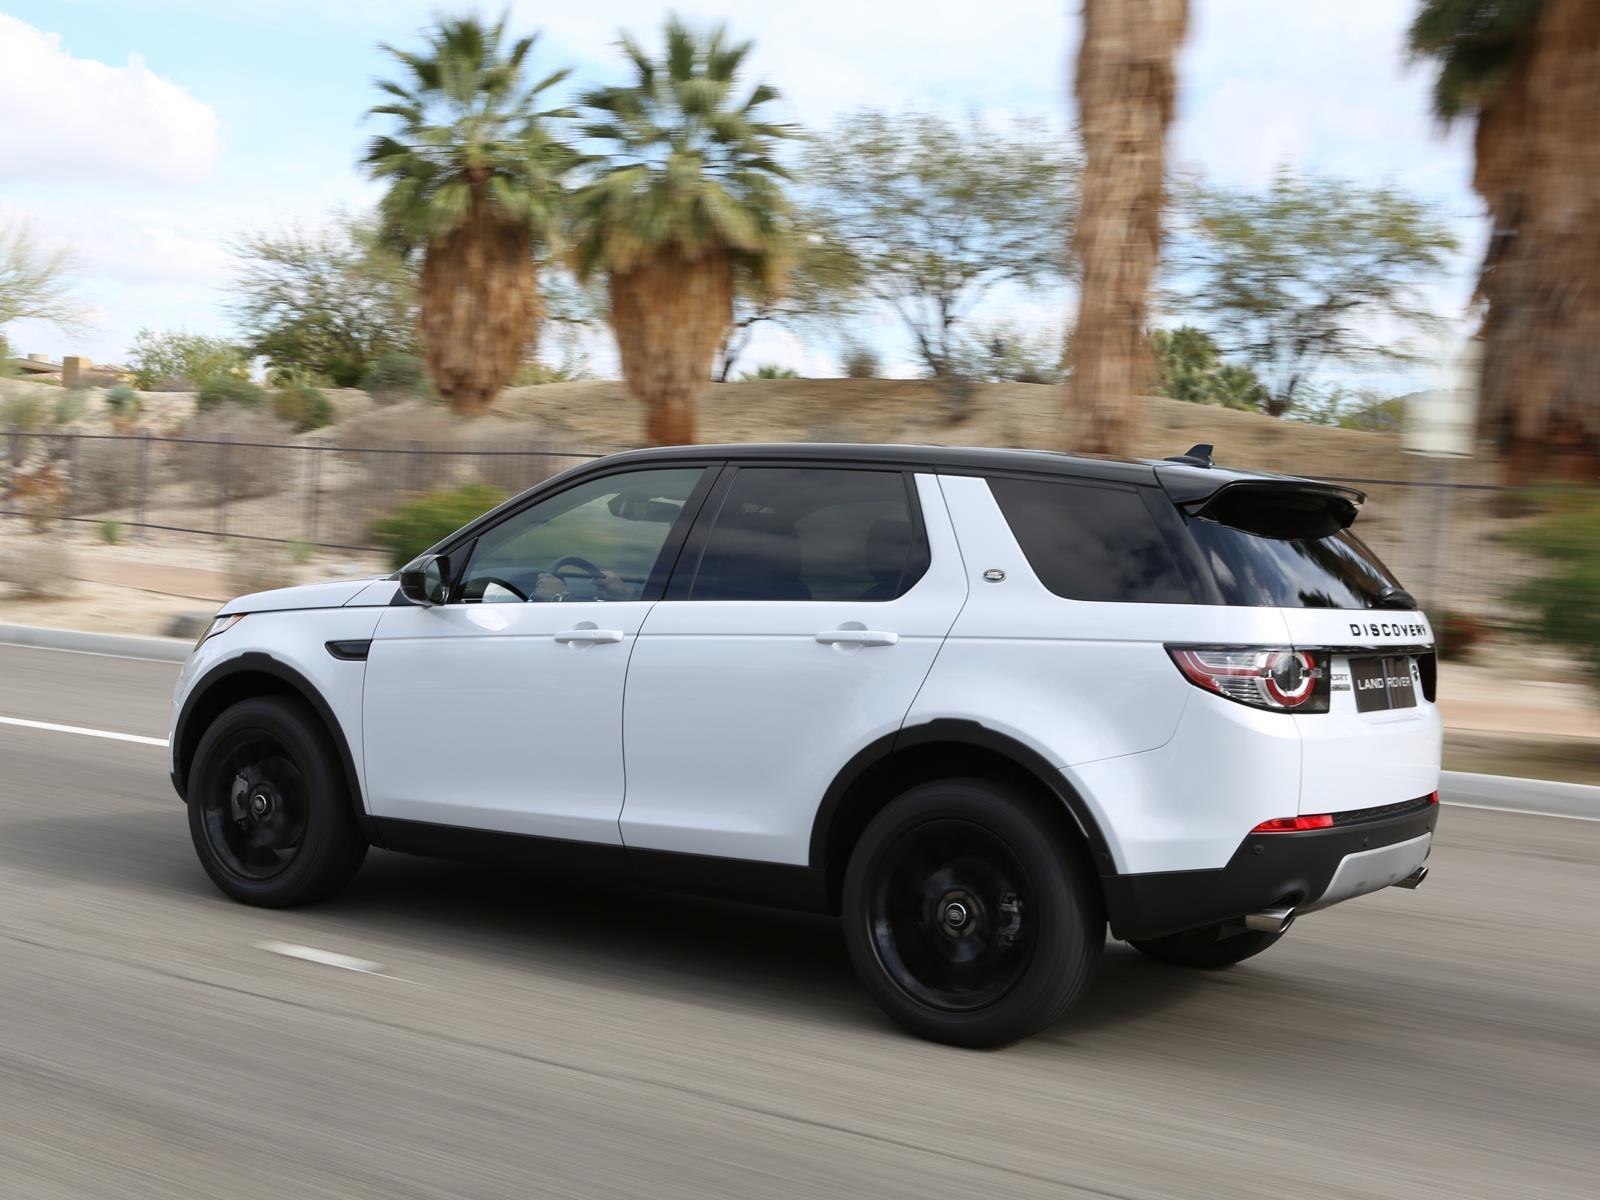 Land Rover Discovery 2017 >> Land Rover Discovery Sport 2015 - Autocosmos.com